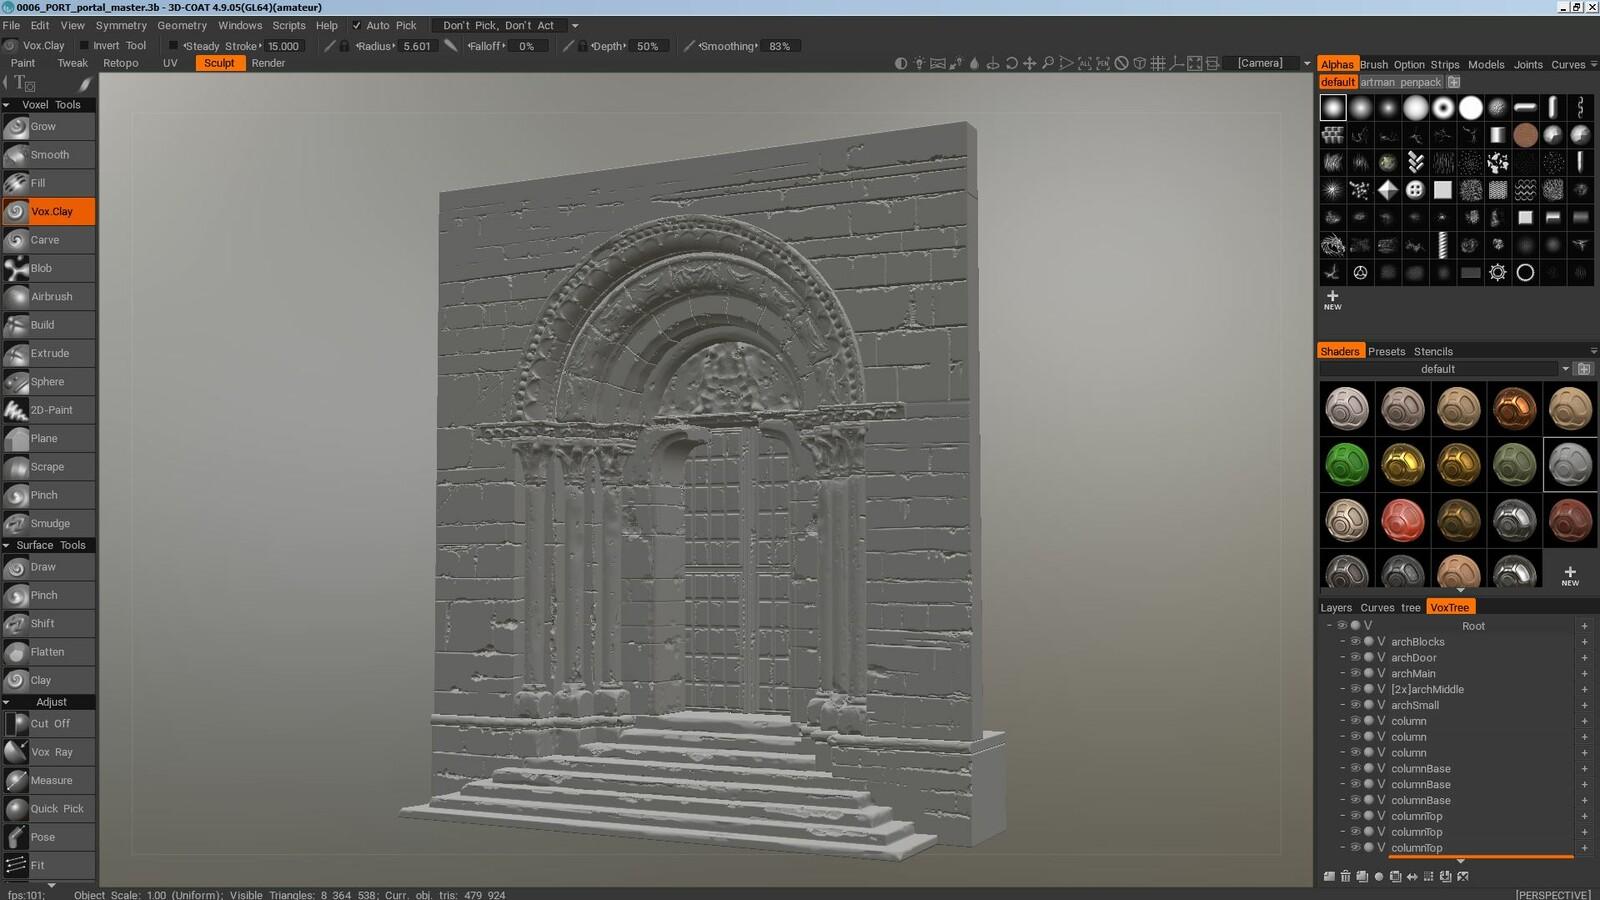 Sculpt sketch in 3DCoat